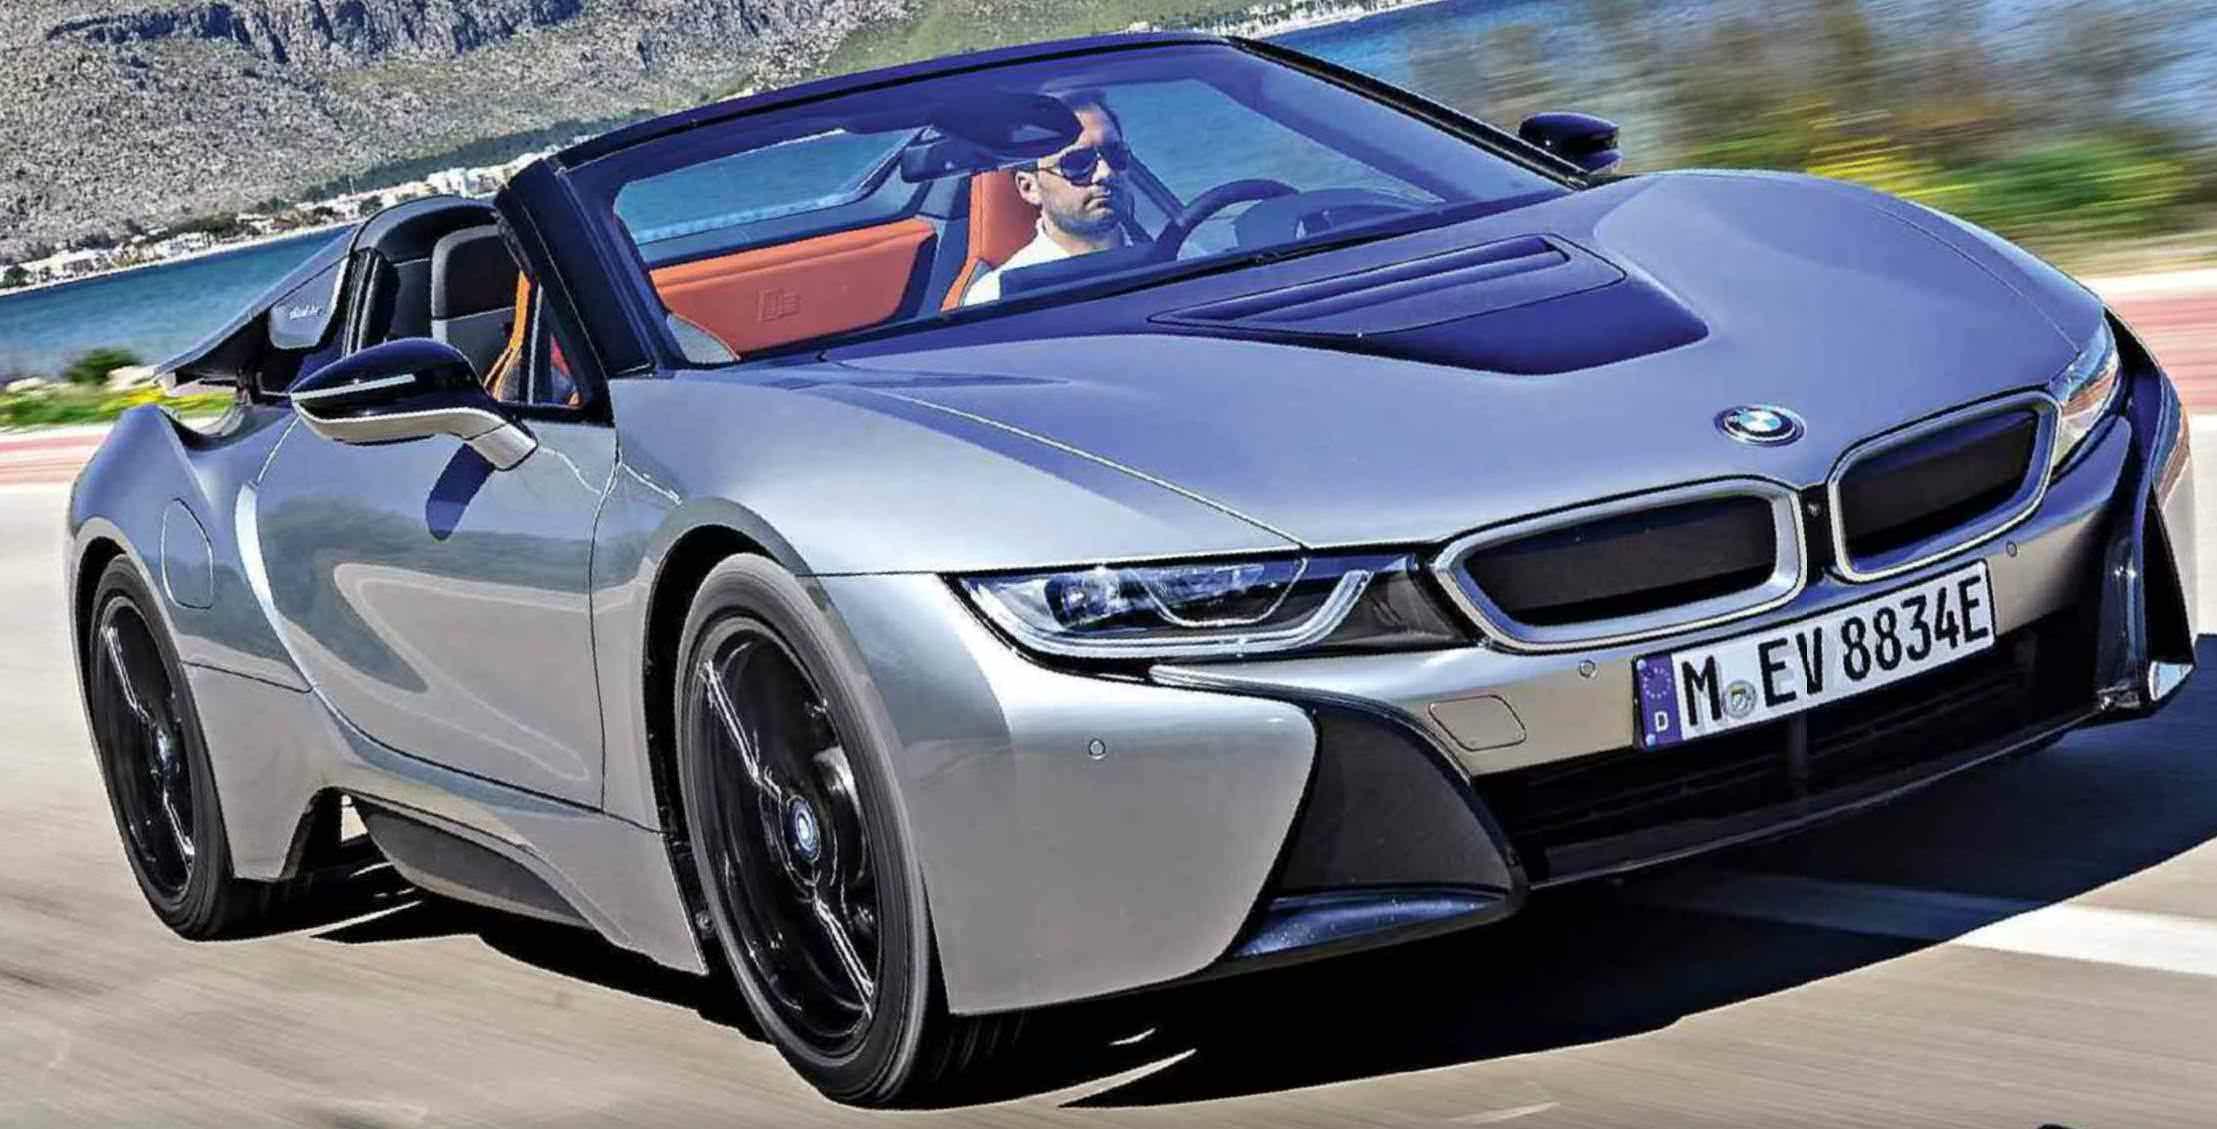 bmw i8 roadster supercar stunner. Black Bedroom Furniture Sets. Home Design Ideas